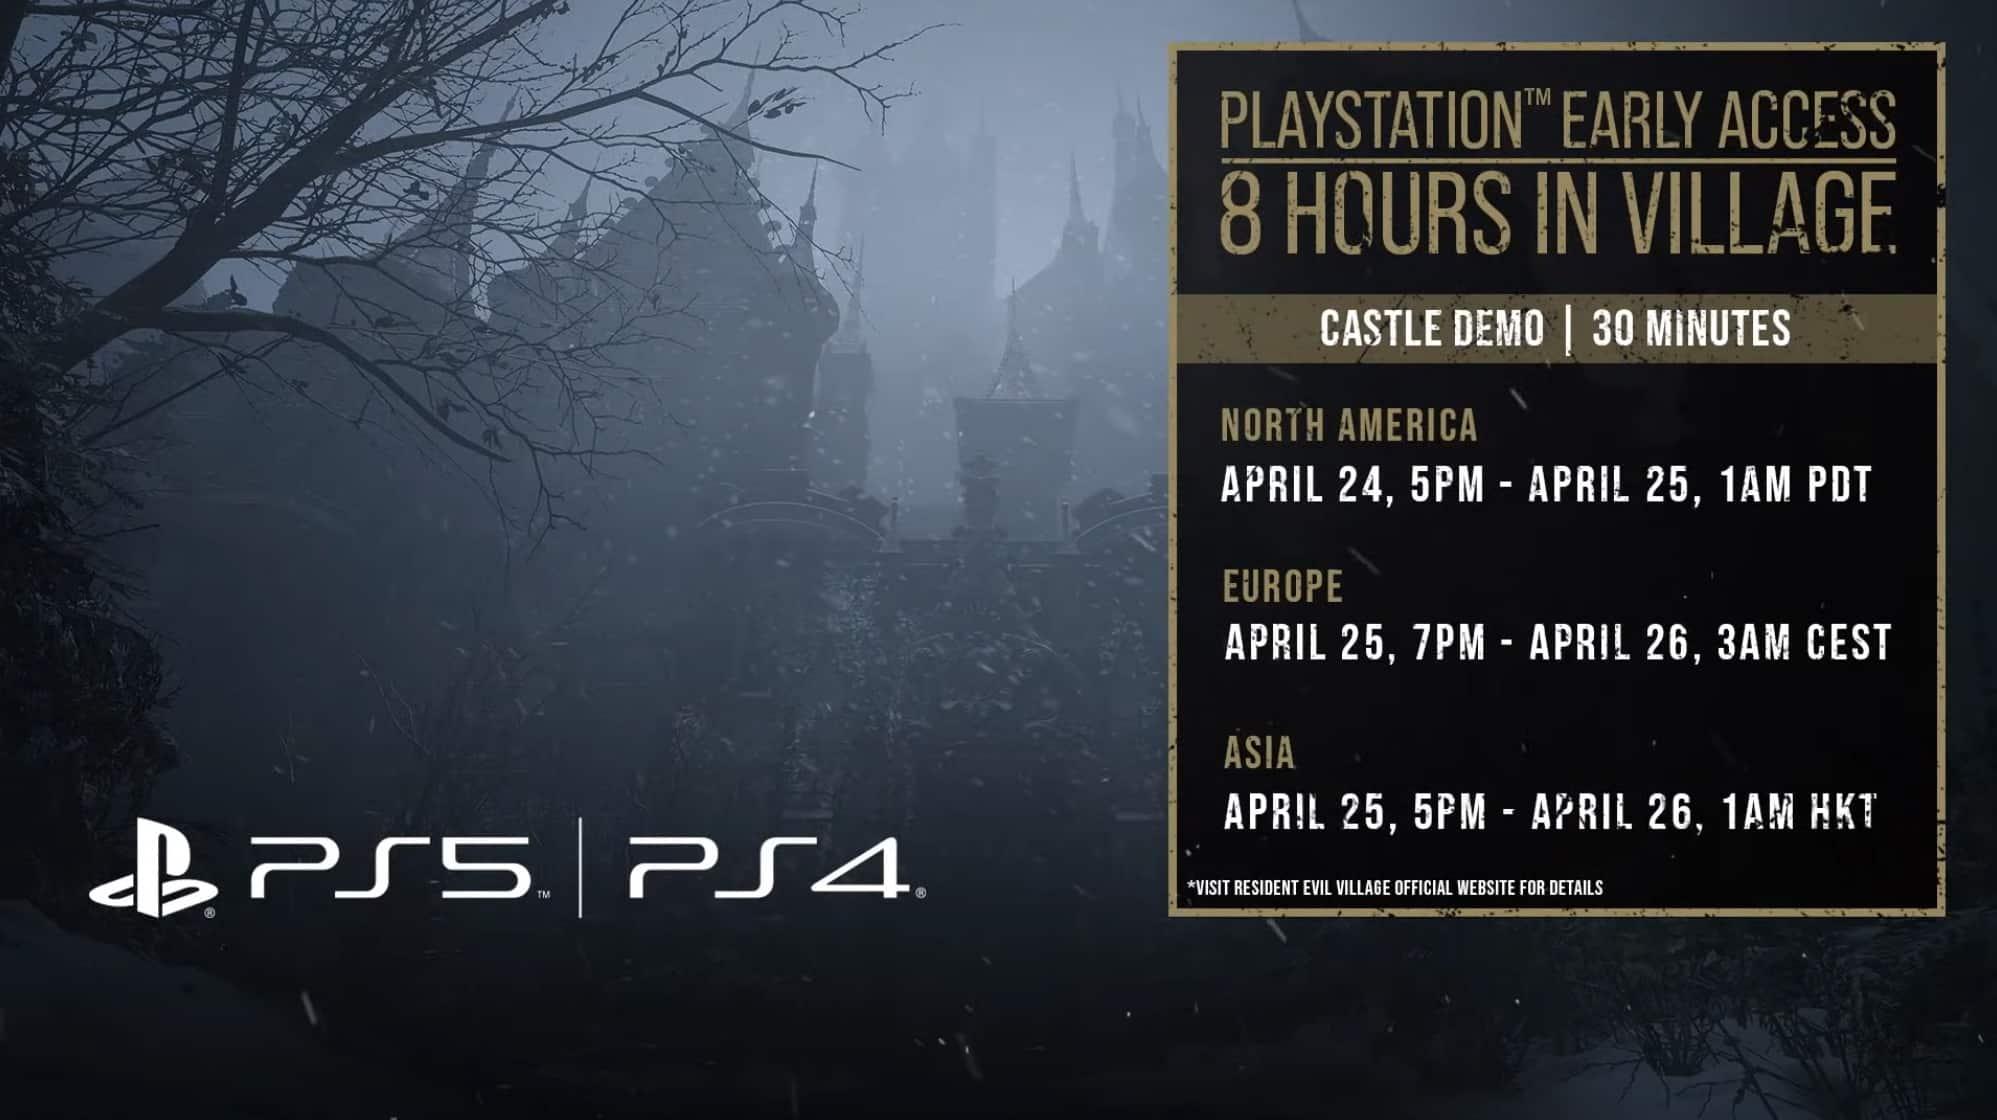 Castle Demo pre PlayStation